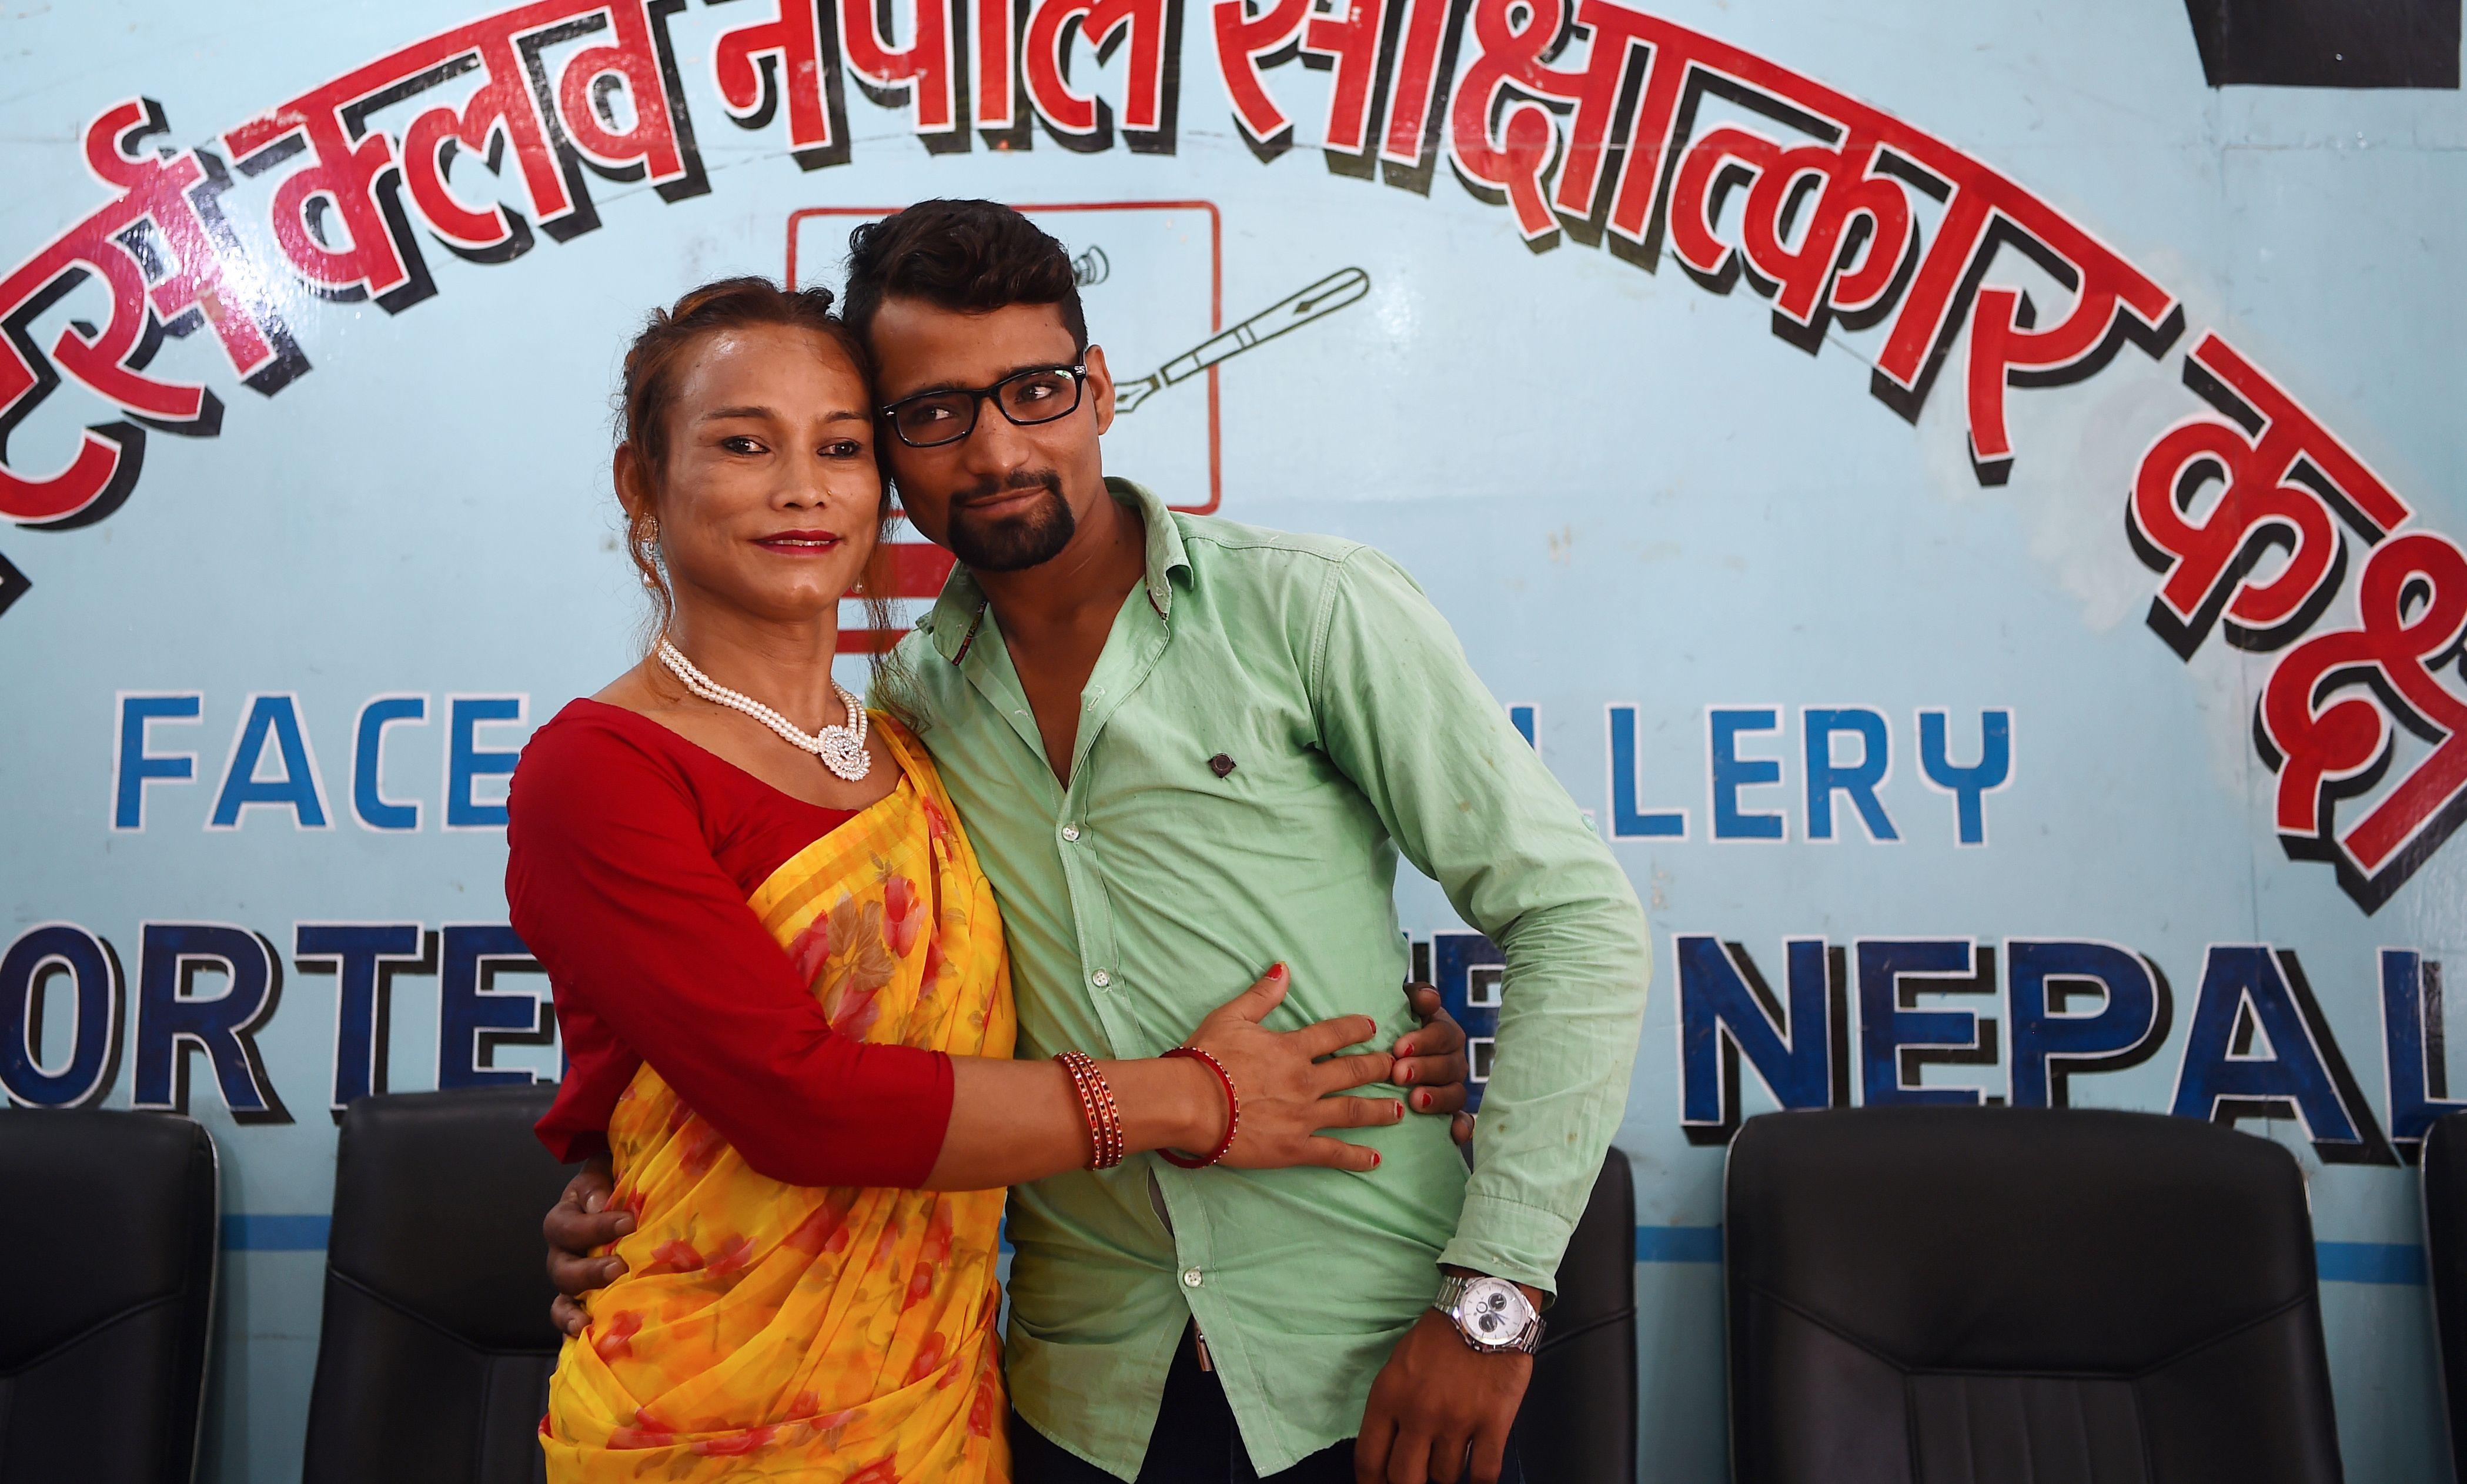 AŞK KAZANACAK! Nepalli Çift, İlk Trans Evlilik İle Tarih Yazıyor!